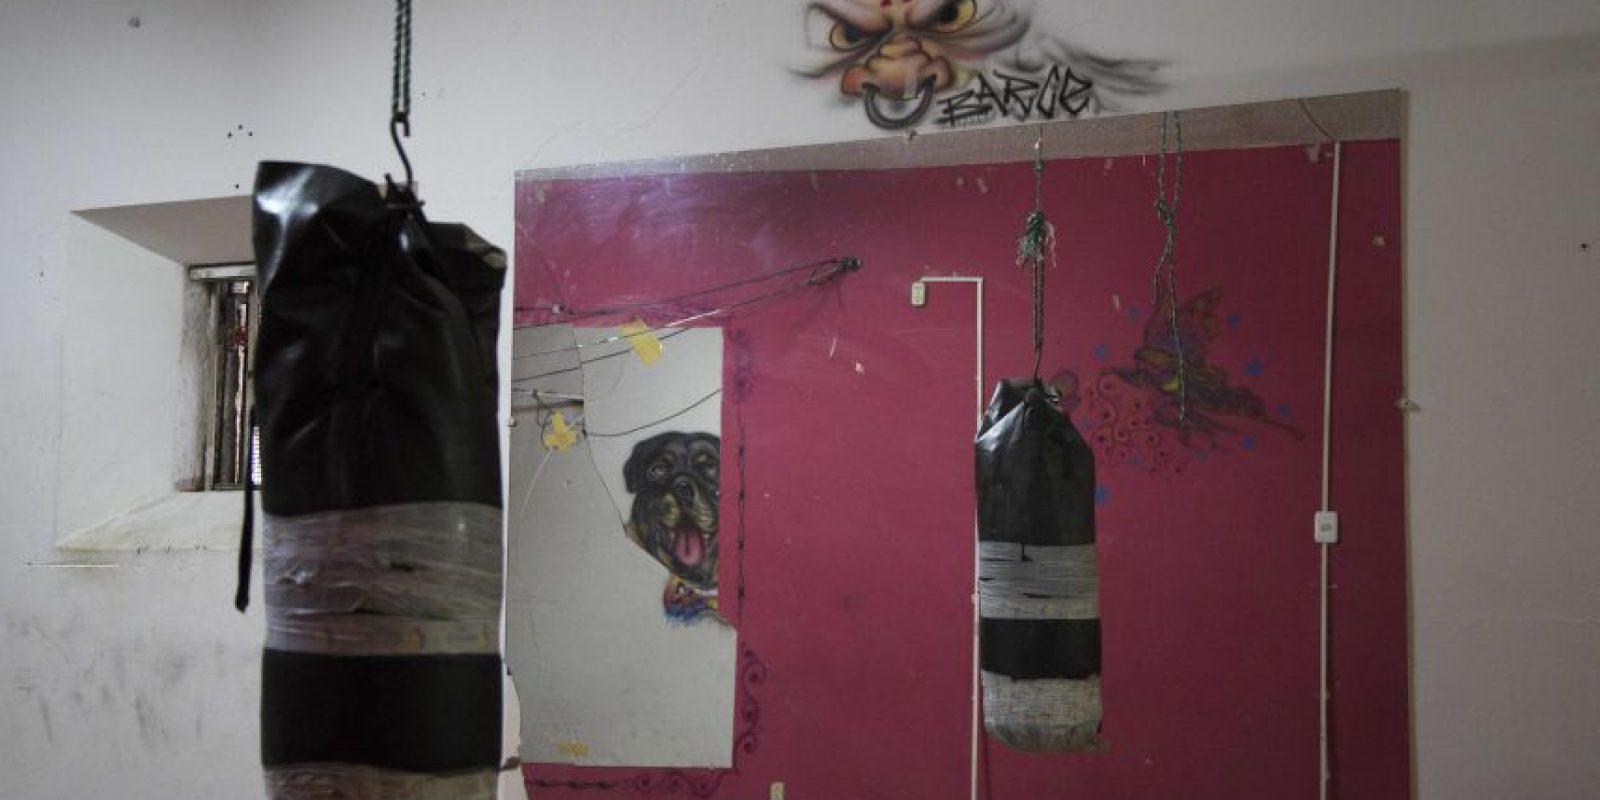 En esta imagen del 14 de abril de 2015, un saco de boxeo cuelga en el gimnasio, reflejado en un espejo, en el ahora vacío penal García Moreno, durante una visita guiada al público en Quito, Ecuador. El acceso al gimnasio estaba considerado como un privilegio para los prisioneros. Foto:AP/ Dolores Ochoa